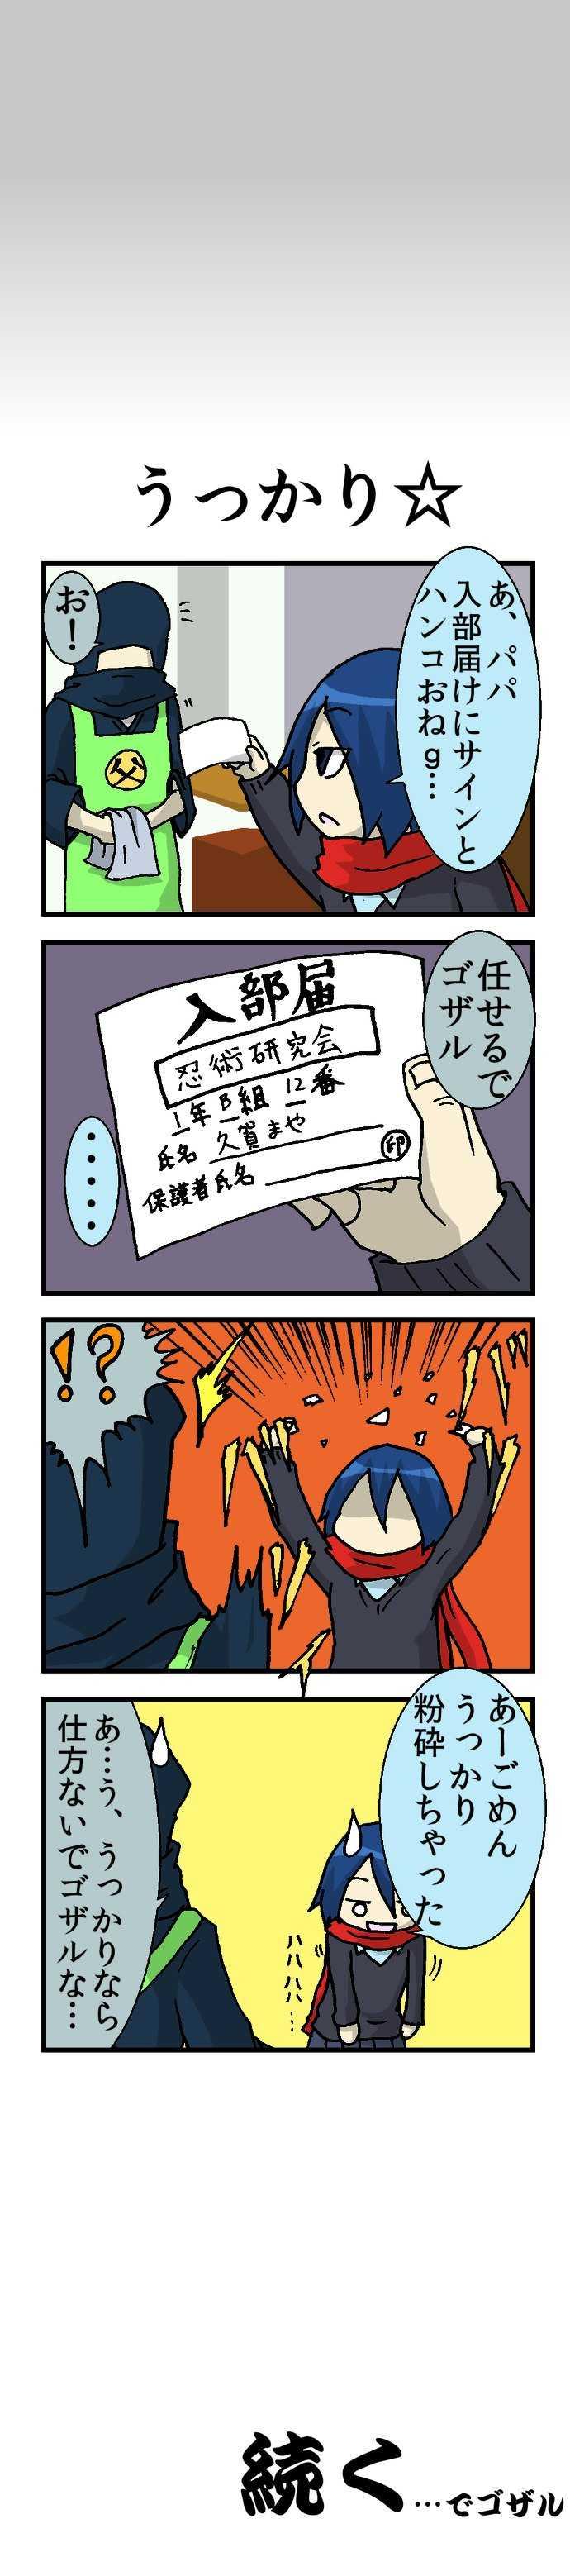 7術目:忍ぶ入会